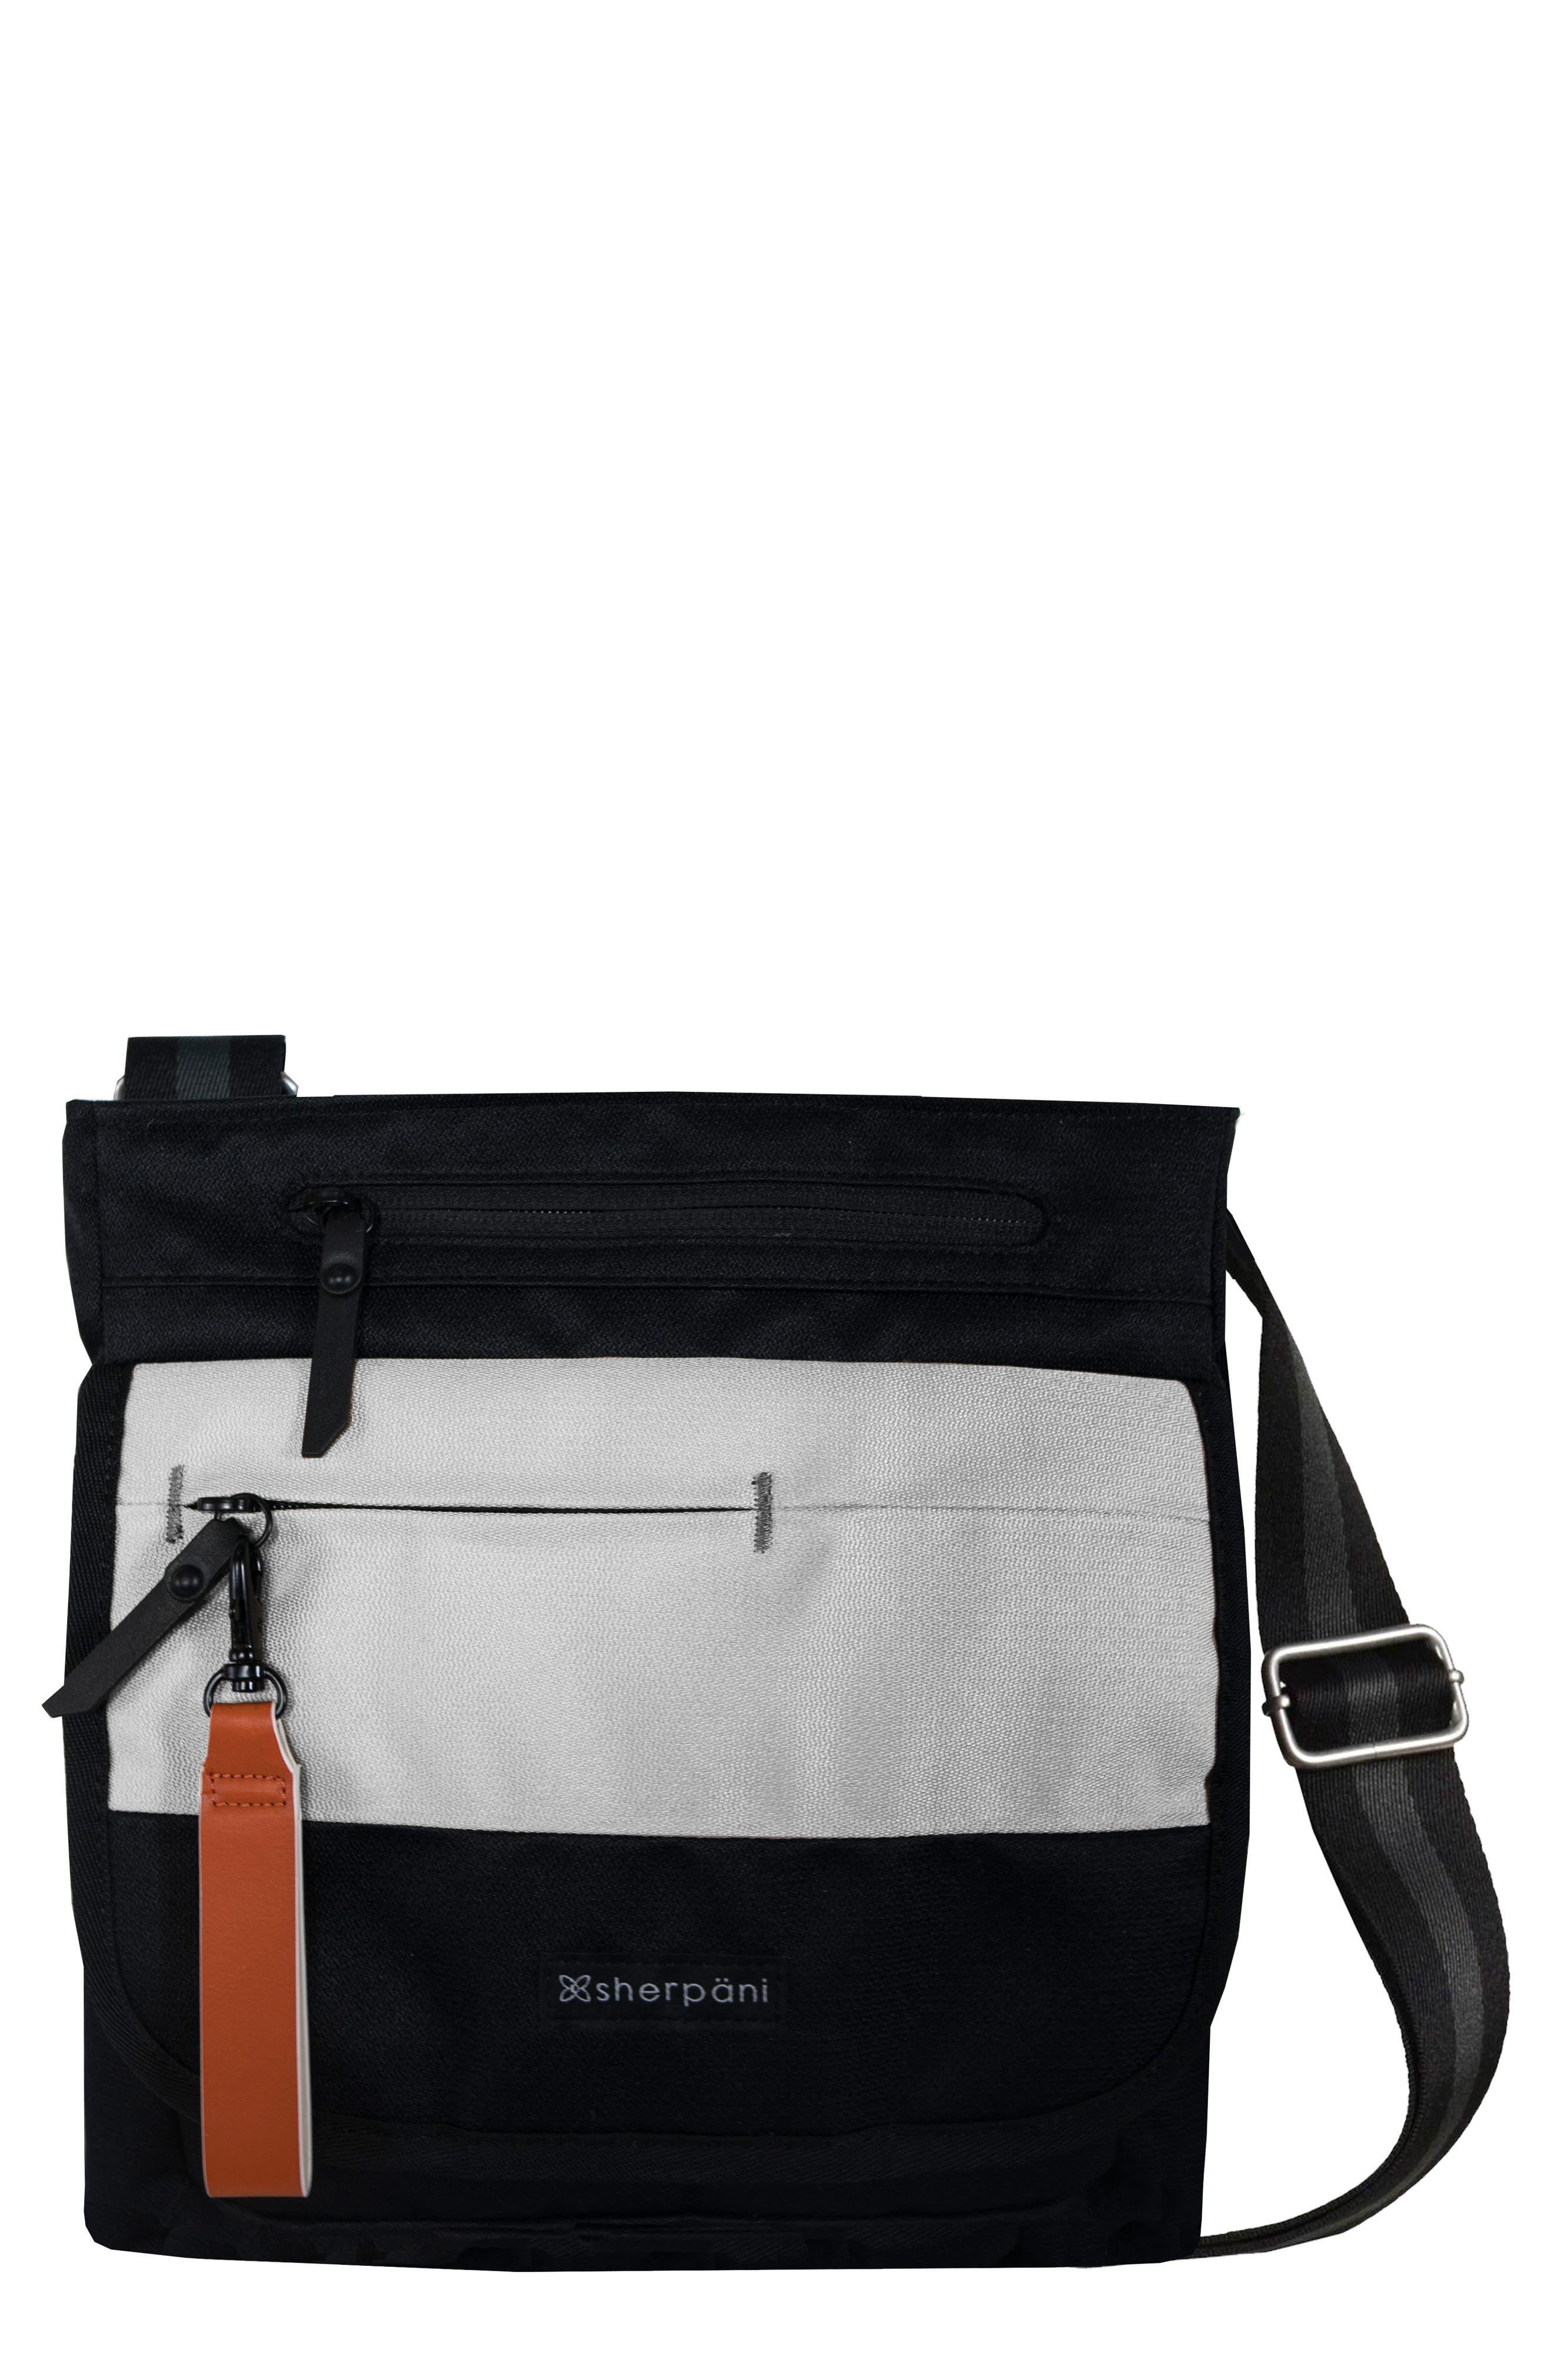 Jag FRFID Crossbody Bag,                             Main thumbnail 1, color,                             100